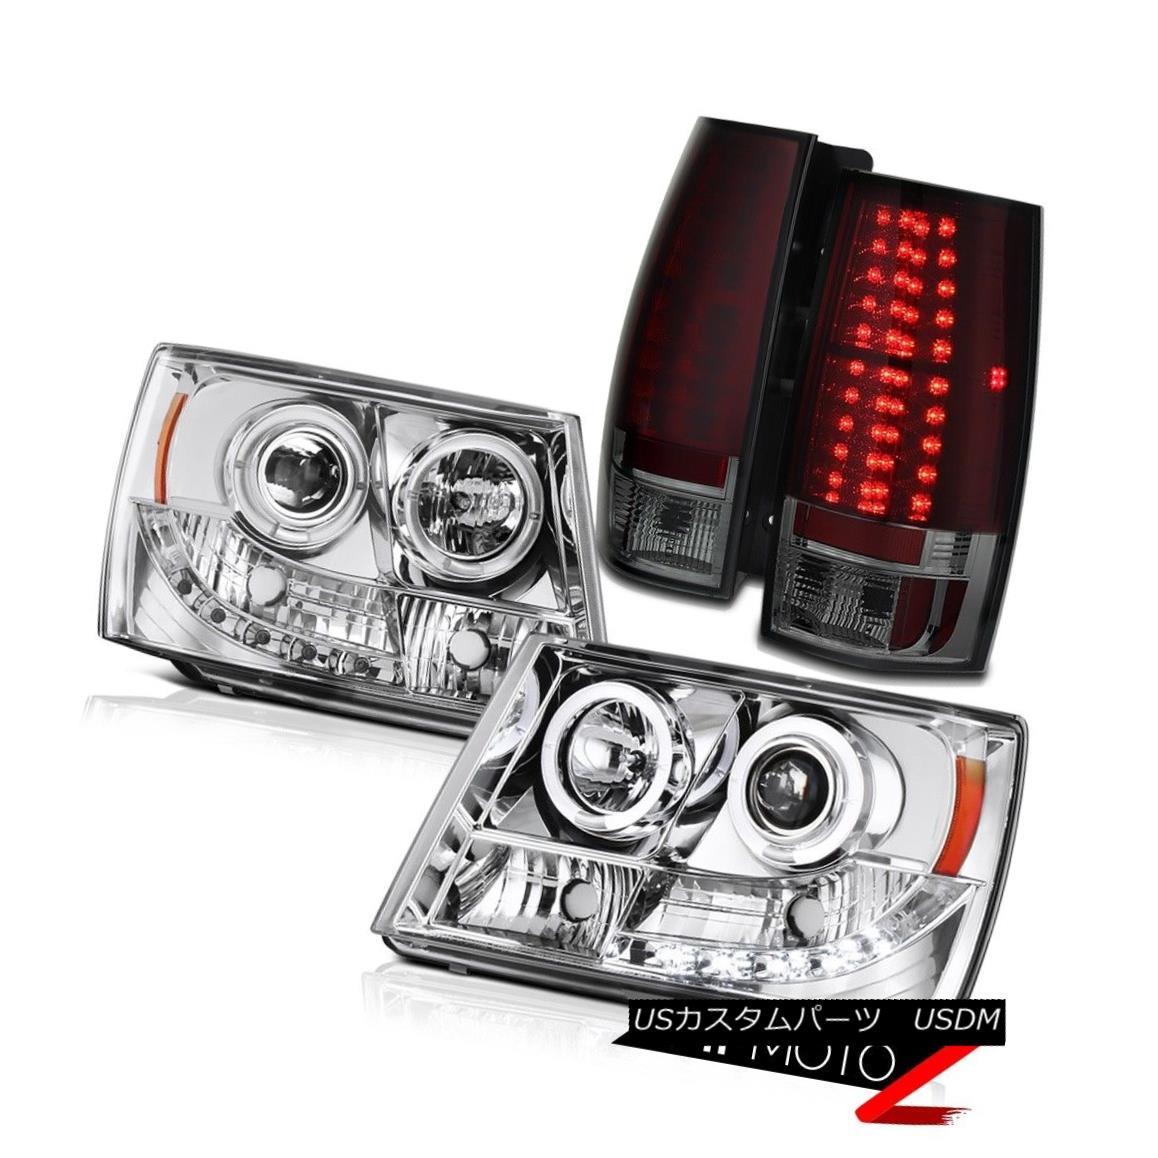 テールライト Suburban/Tahoe V8 07-13 Chrome Halo Projector Headlight+RED/SMOKE+LED Tail Light Suburban / Tahoe V8 07-13クロームハロープロジェクターヘッドライト+ RED / SMOKE + LEDテールライト